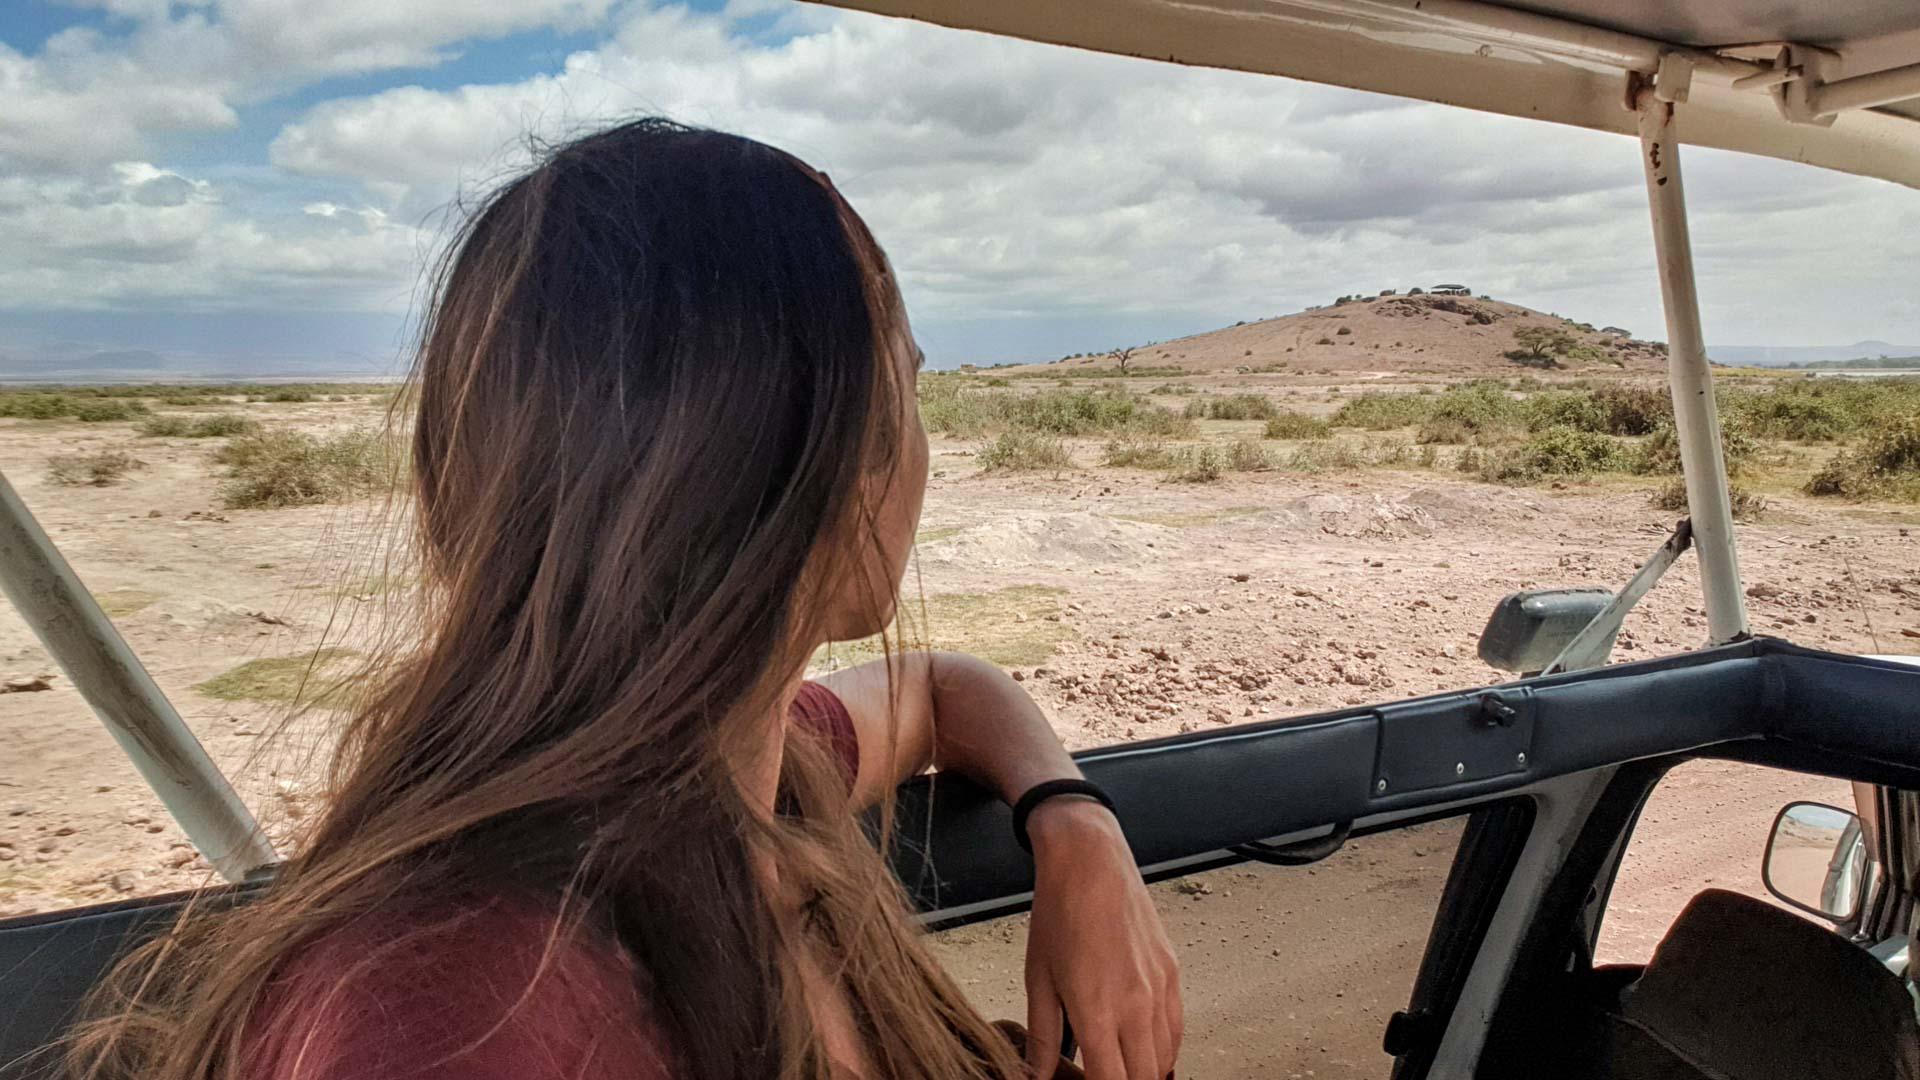 Nos dirigimos a Noomotio, un mirador en Amboseli, Kenia